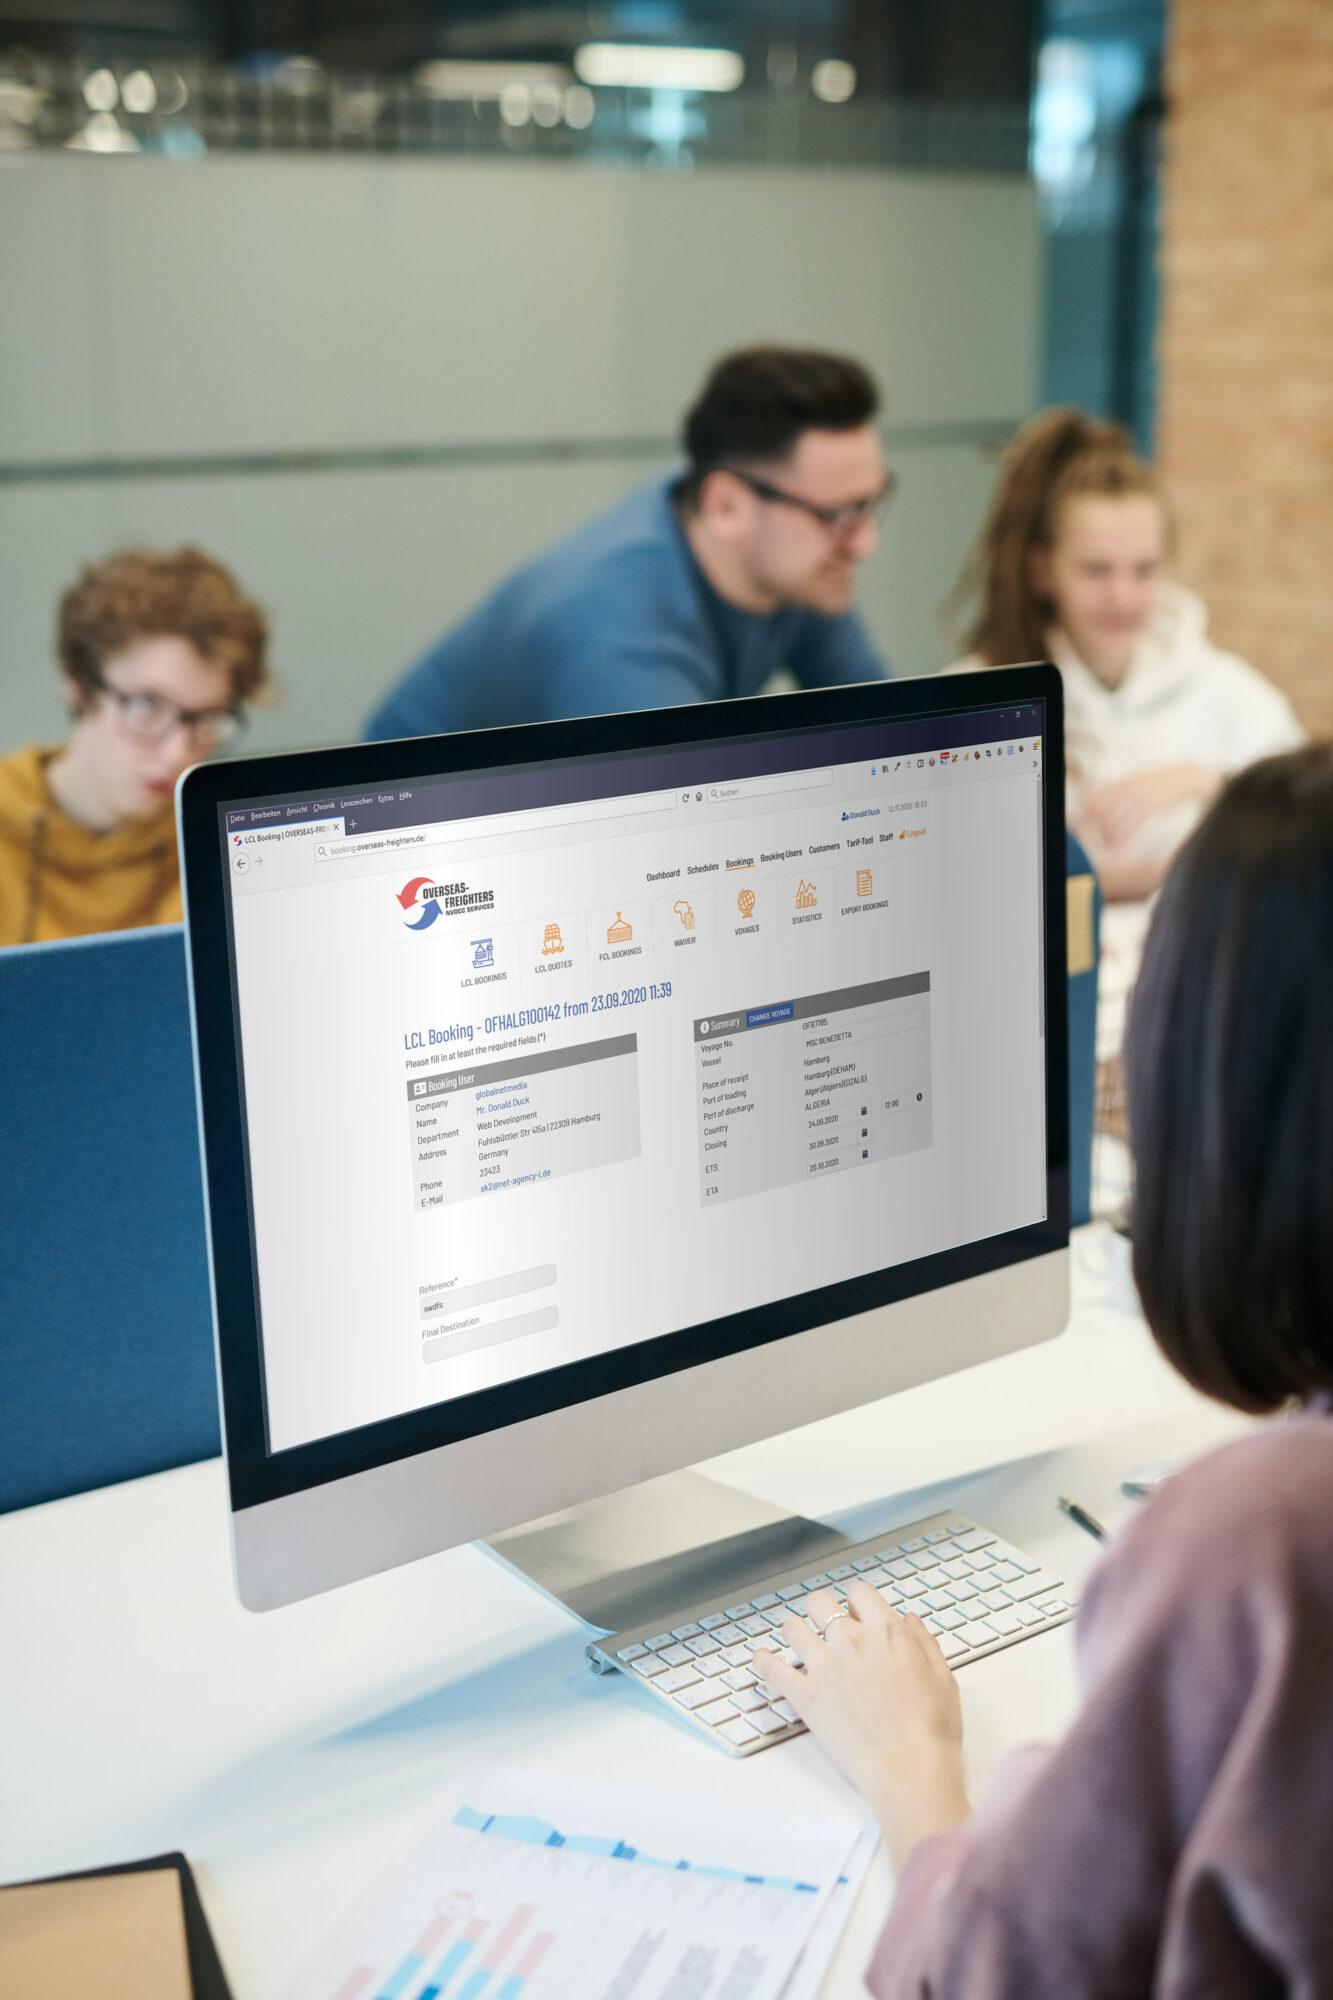 WebLösung & Software Erstellung